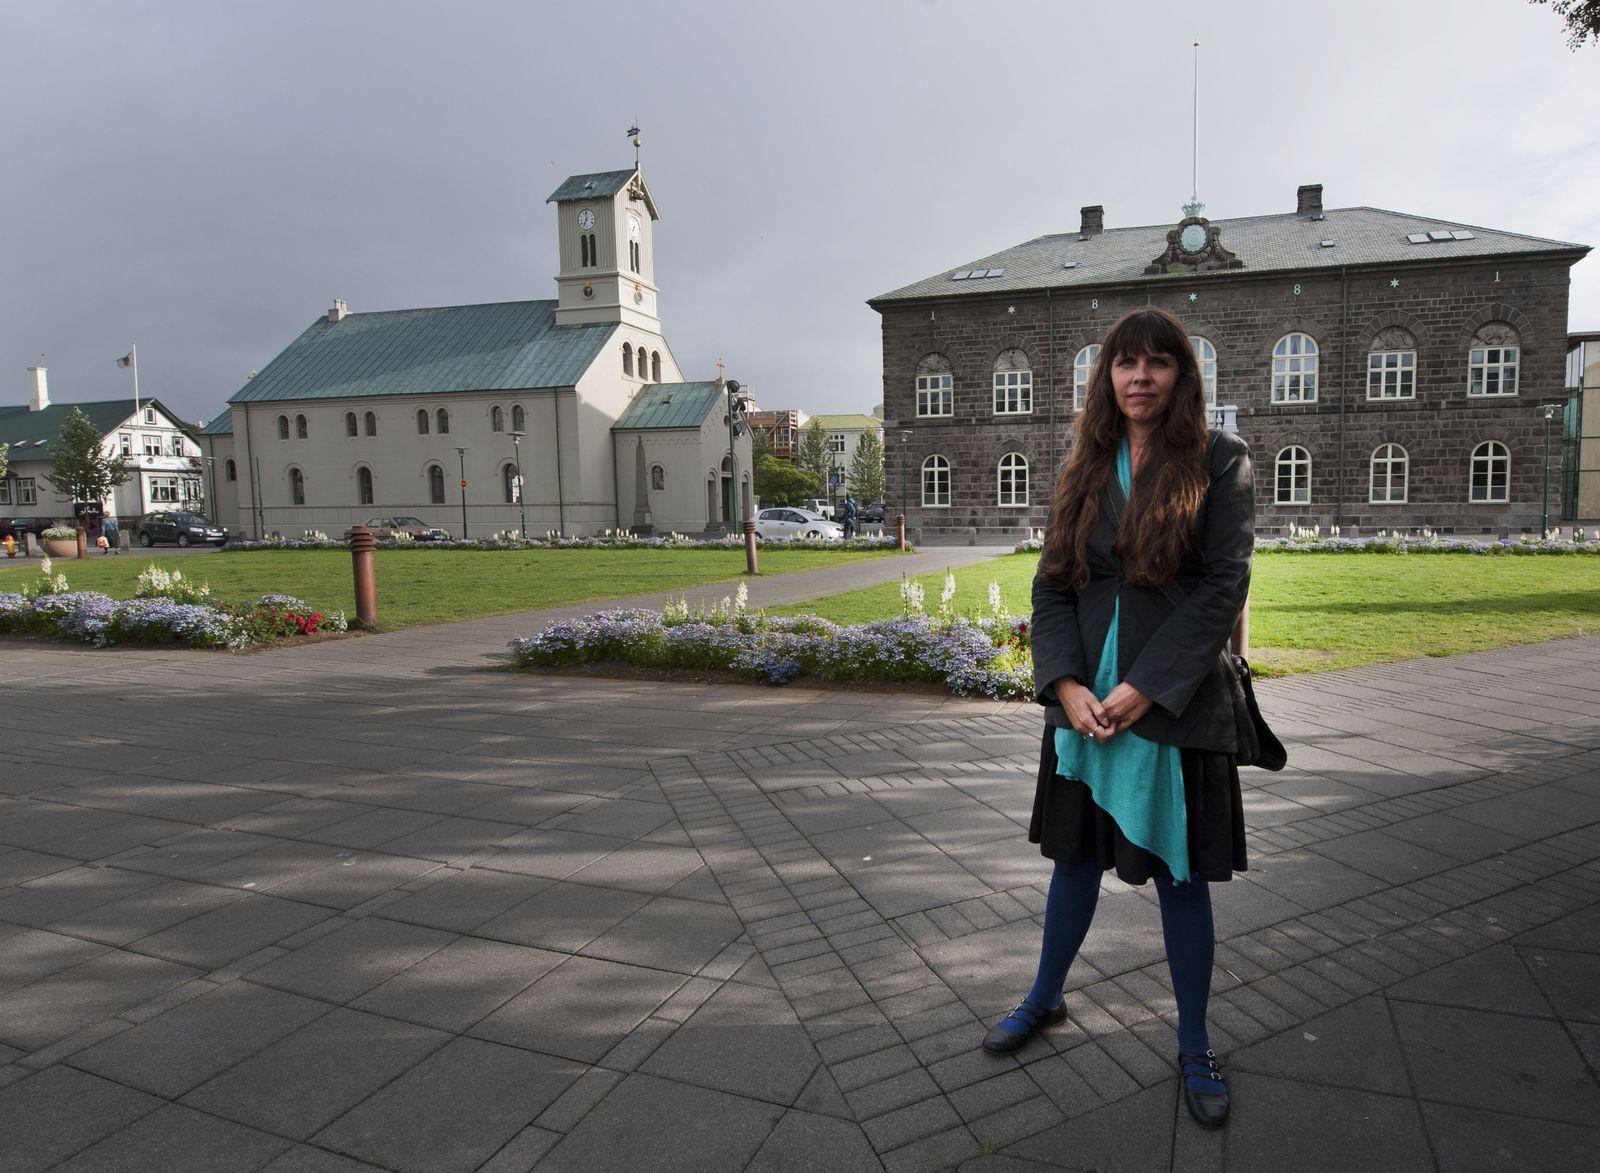 ICELAND-MEDIA-FREEDOM